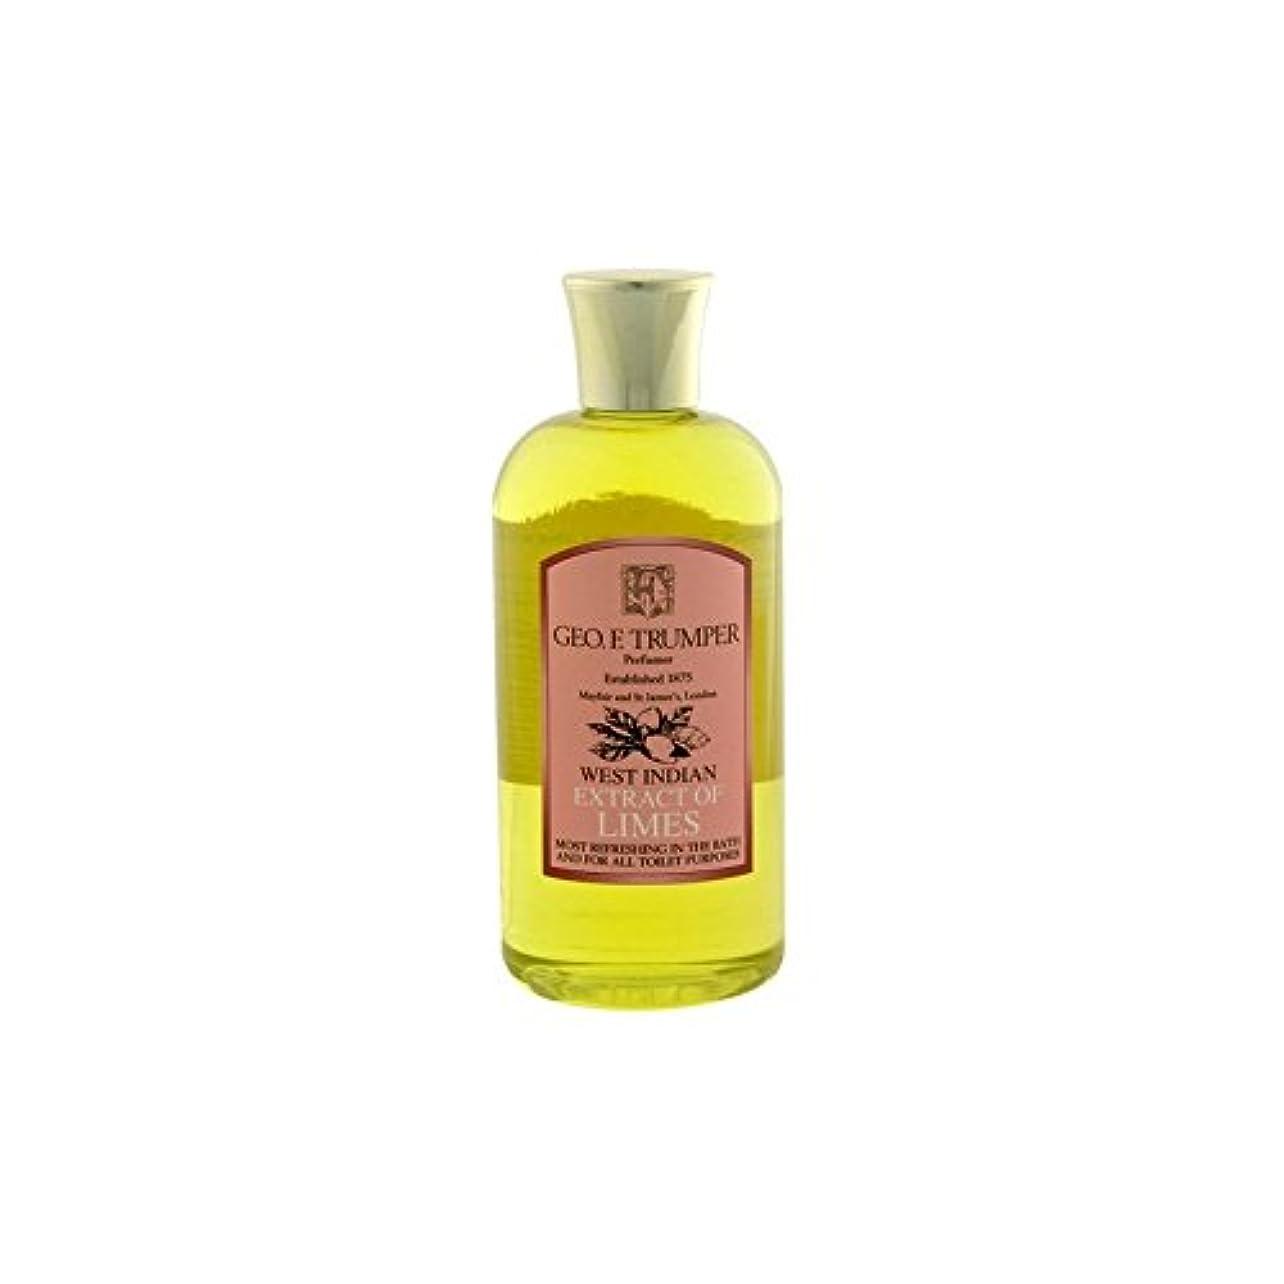 ギャップもし評価可能ライムのバス&シャワージェル - 500ミリリットル旅 x2 - Trumpers Limes Bath & Shower Gel - 500ml Travel (Pack of 2) [並行輸入品]